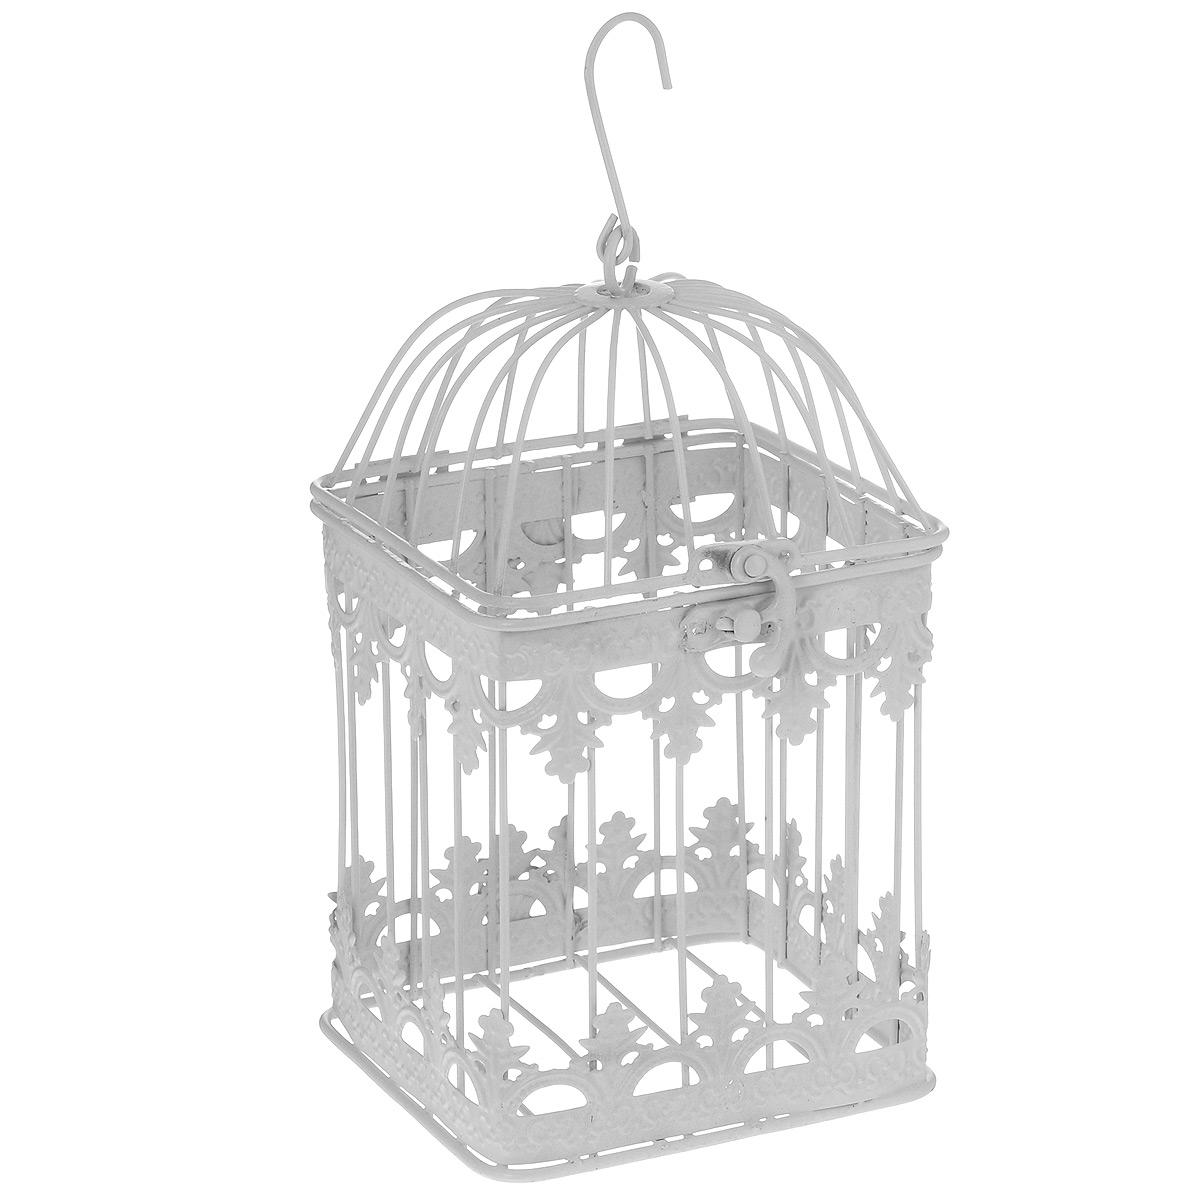 Клетка декоративная Ажурная, цвет: белый, 12 х 21 смC0038550Декоративная клетка Ажурная выполнена из высококачественного металла. Изделие украшено изящными коваными узорами. Клетка оснащена крышкой, которая закрывается на специальный замок. На крышке имеется крючок, за который клетку можно повесить в любое удобное место. Такая клетка подойдет для декора интерьера дома или офиса. Кроме того - это отличный вариант подарка для ваших близких и друзей.Диаметр клетки: 12 см. Высота клетки: 21 см.